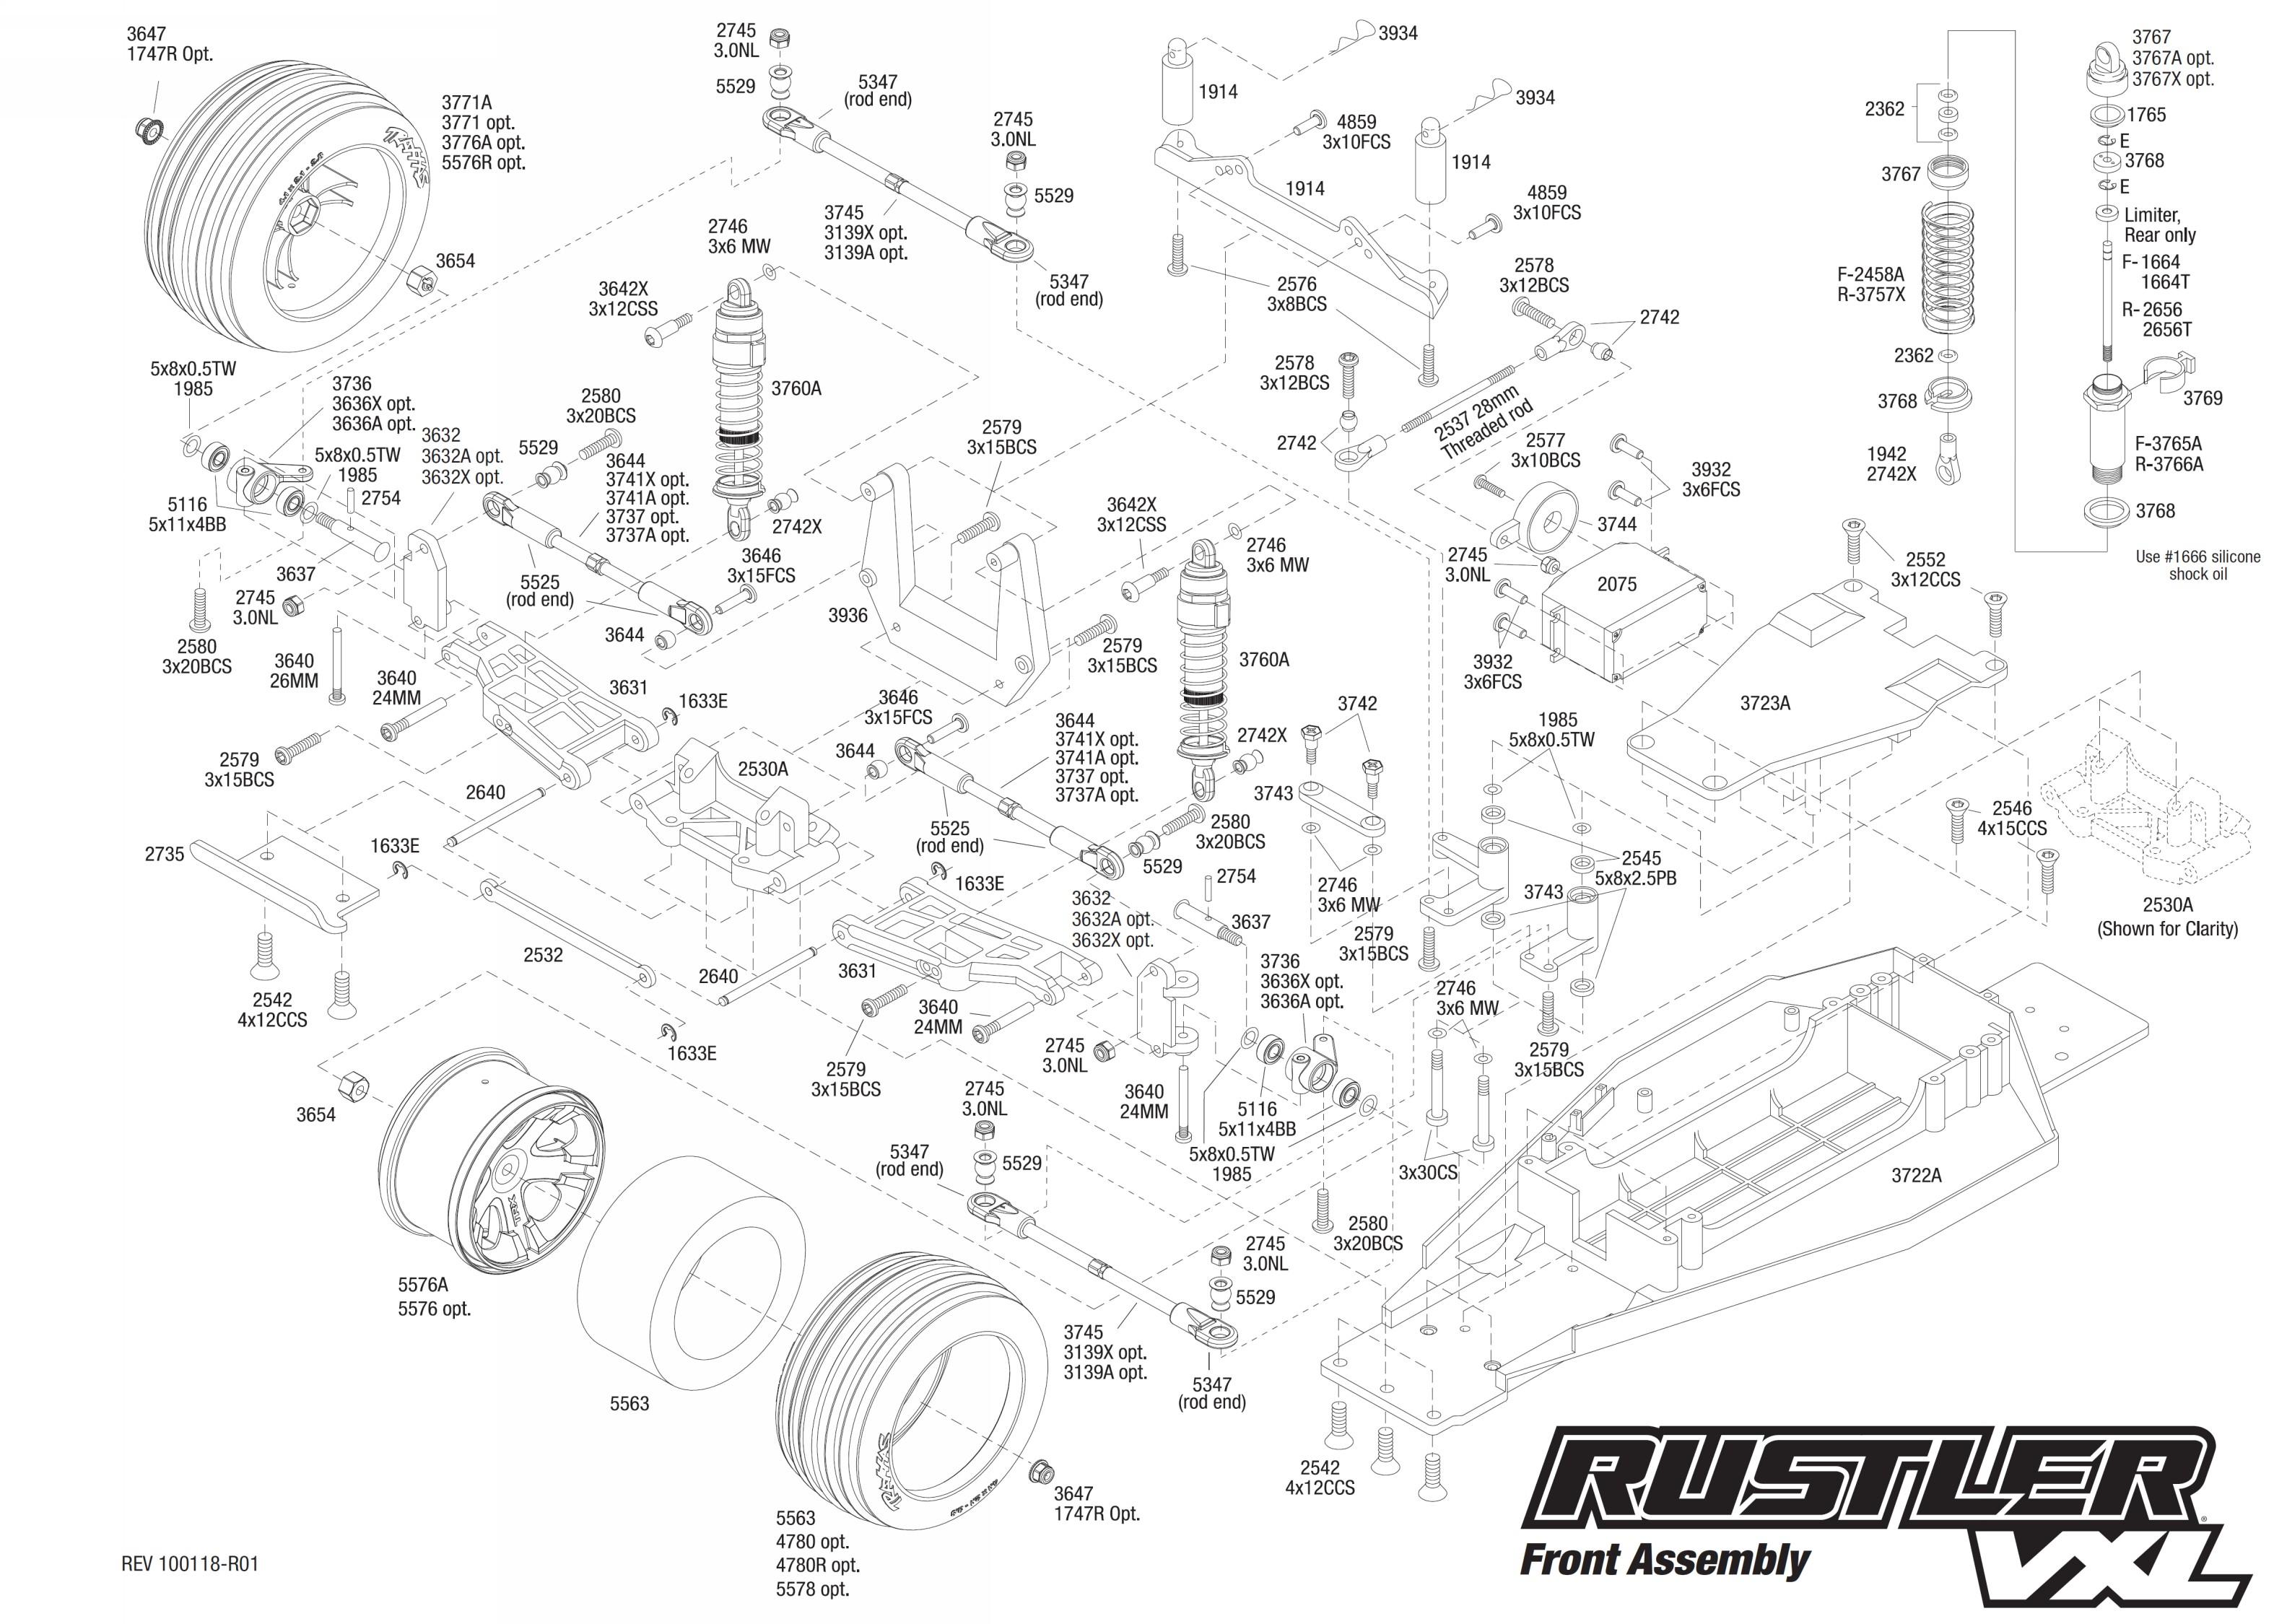 Traxxas Rustler Parts Diagram